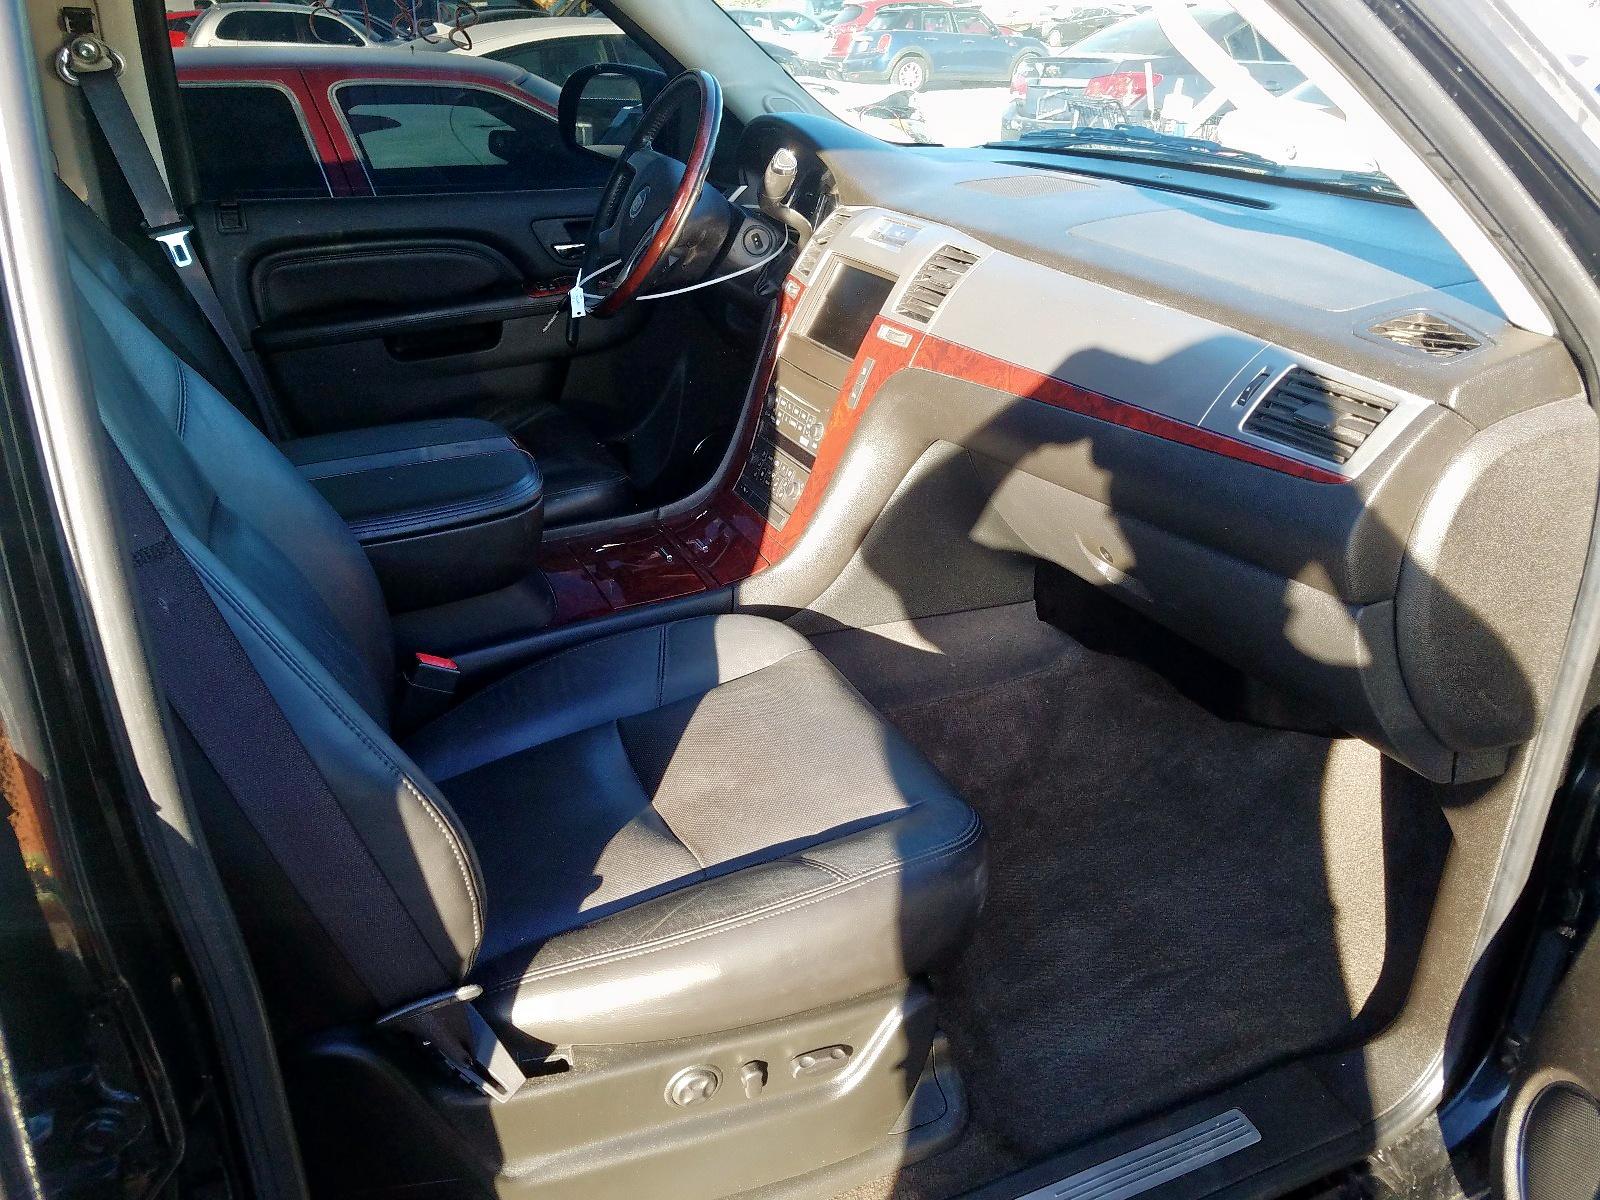 1GYS4AEF0BR132555 - 2011 Cadillac Escalade 6.2L close up View